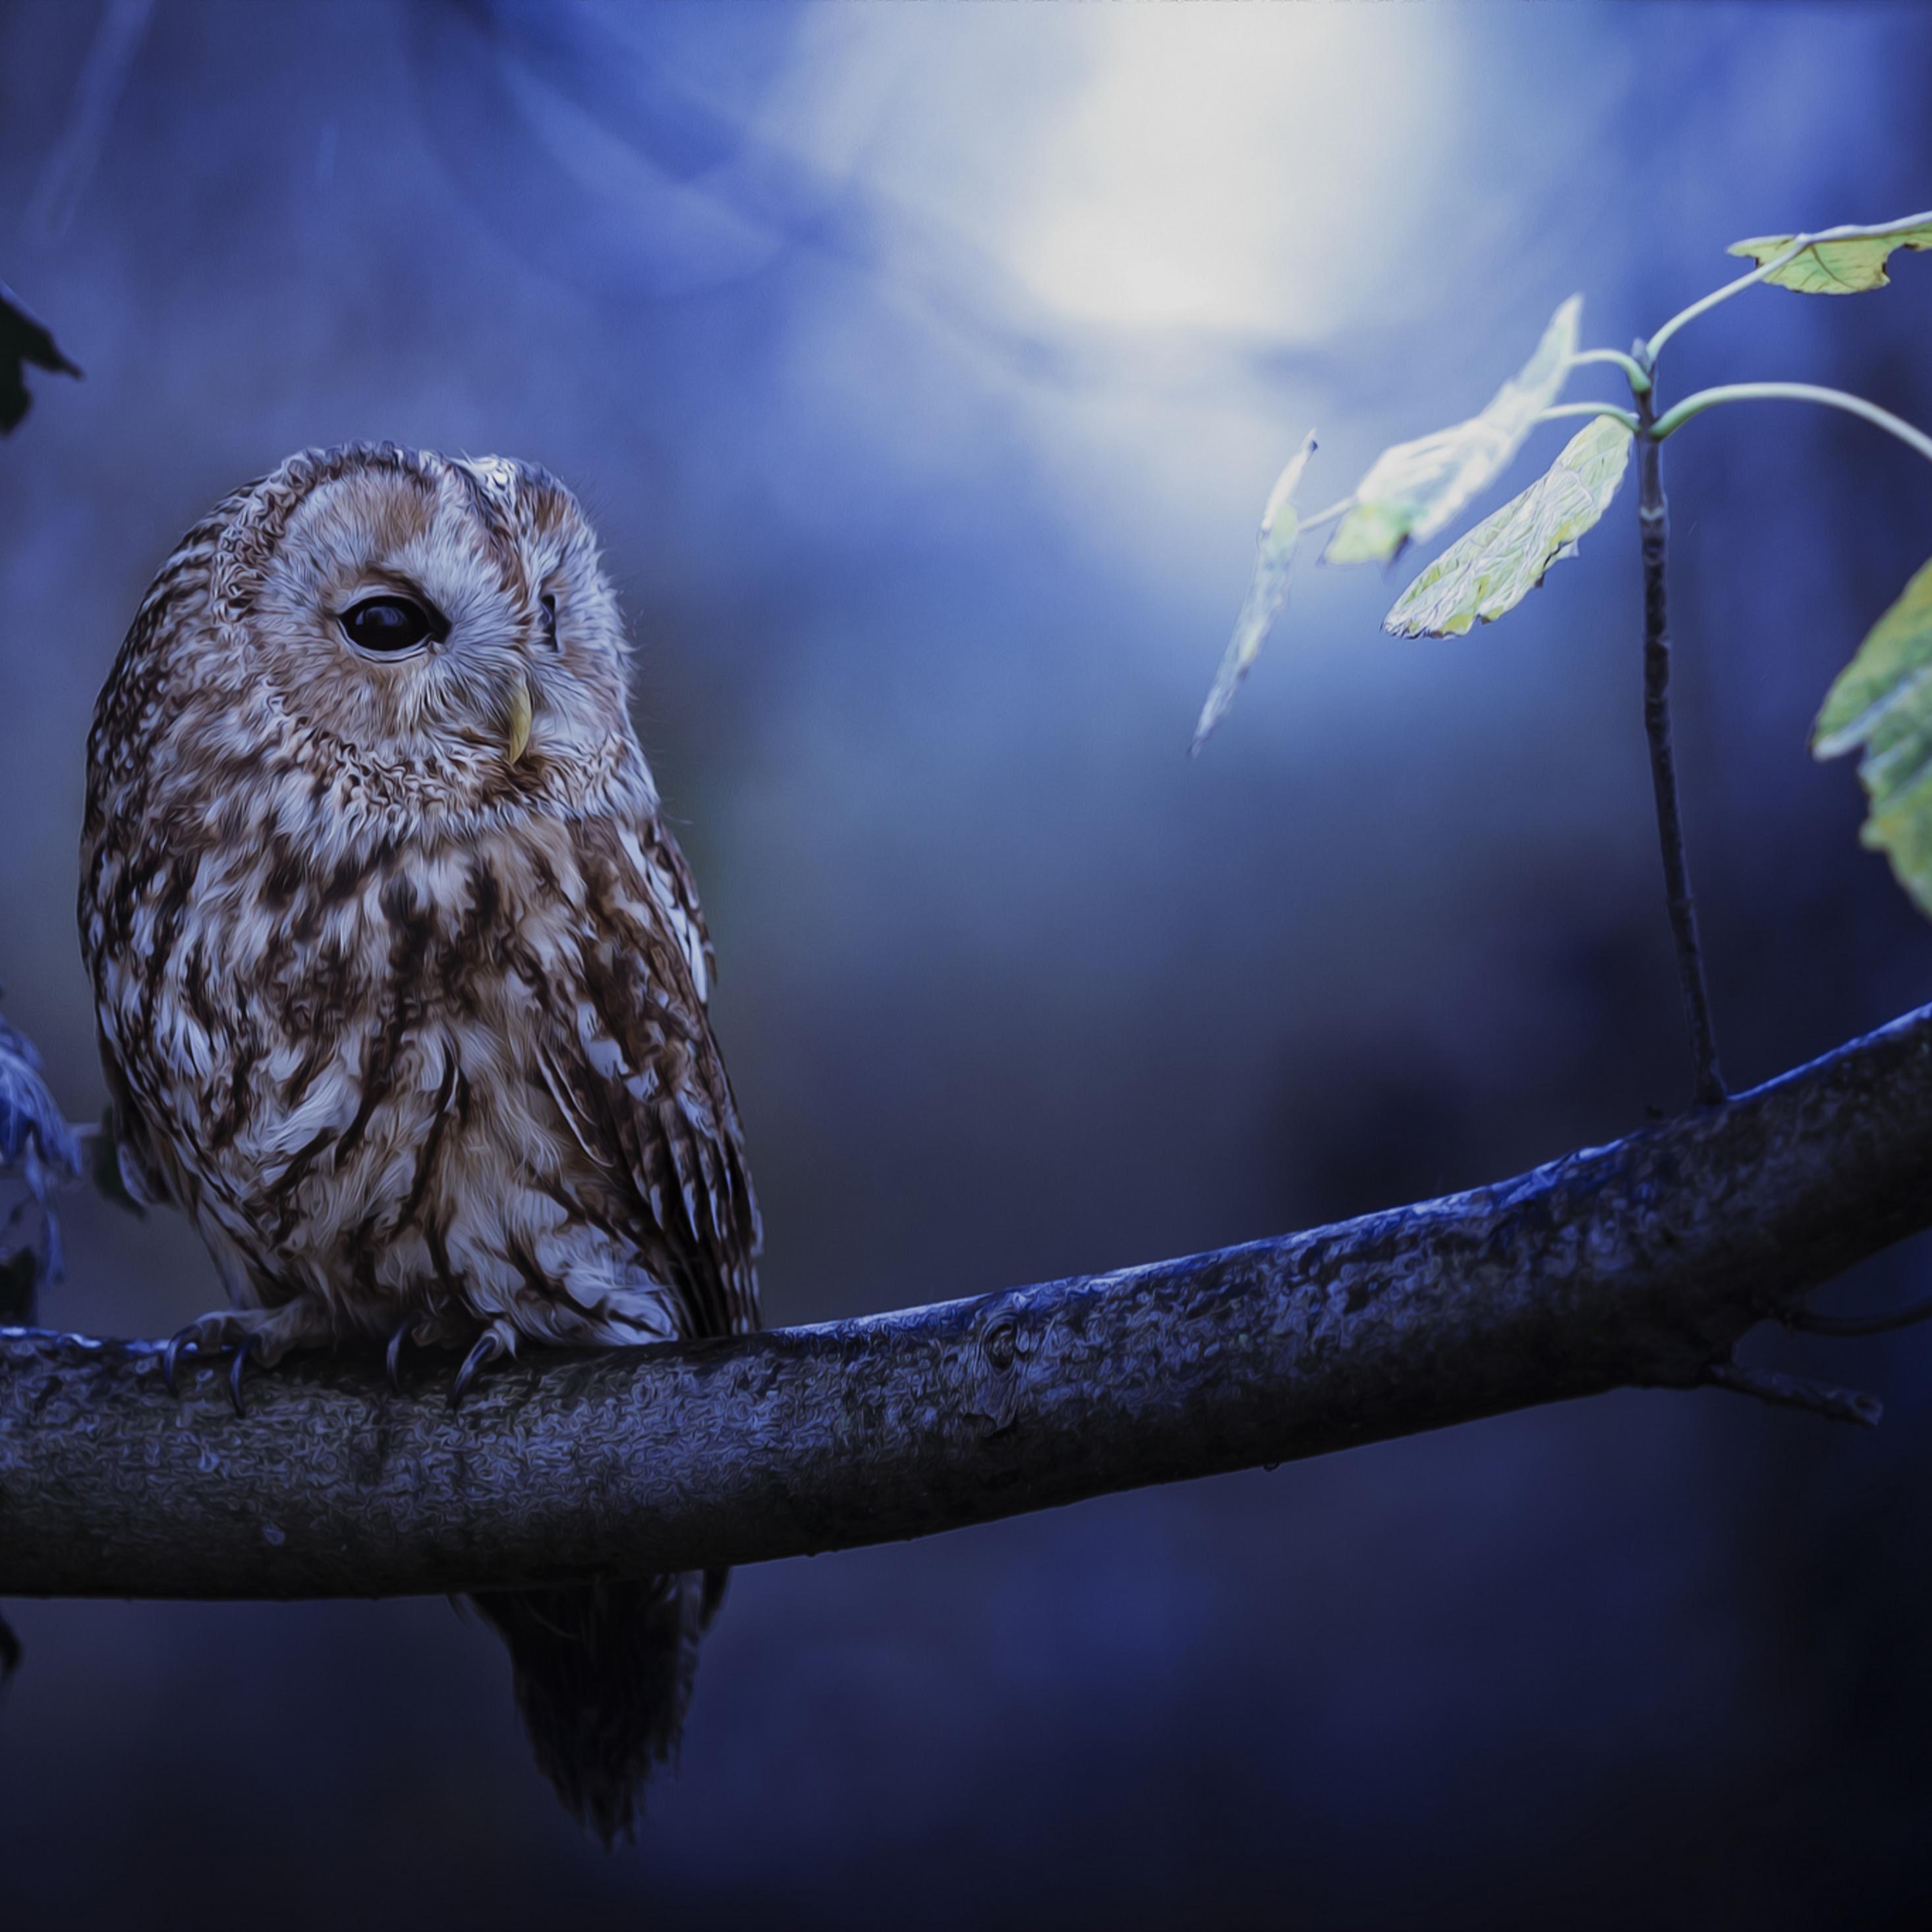 2932x2932 Tawny Owl In Moonlight Ipad Pro Retina Display HD 4k